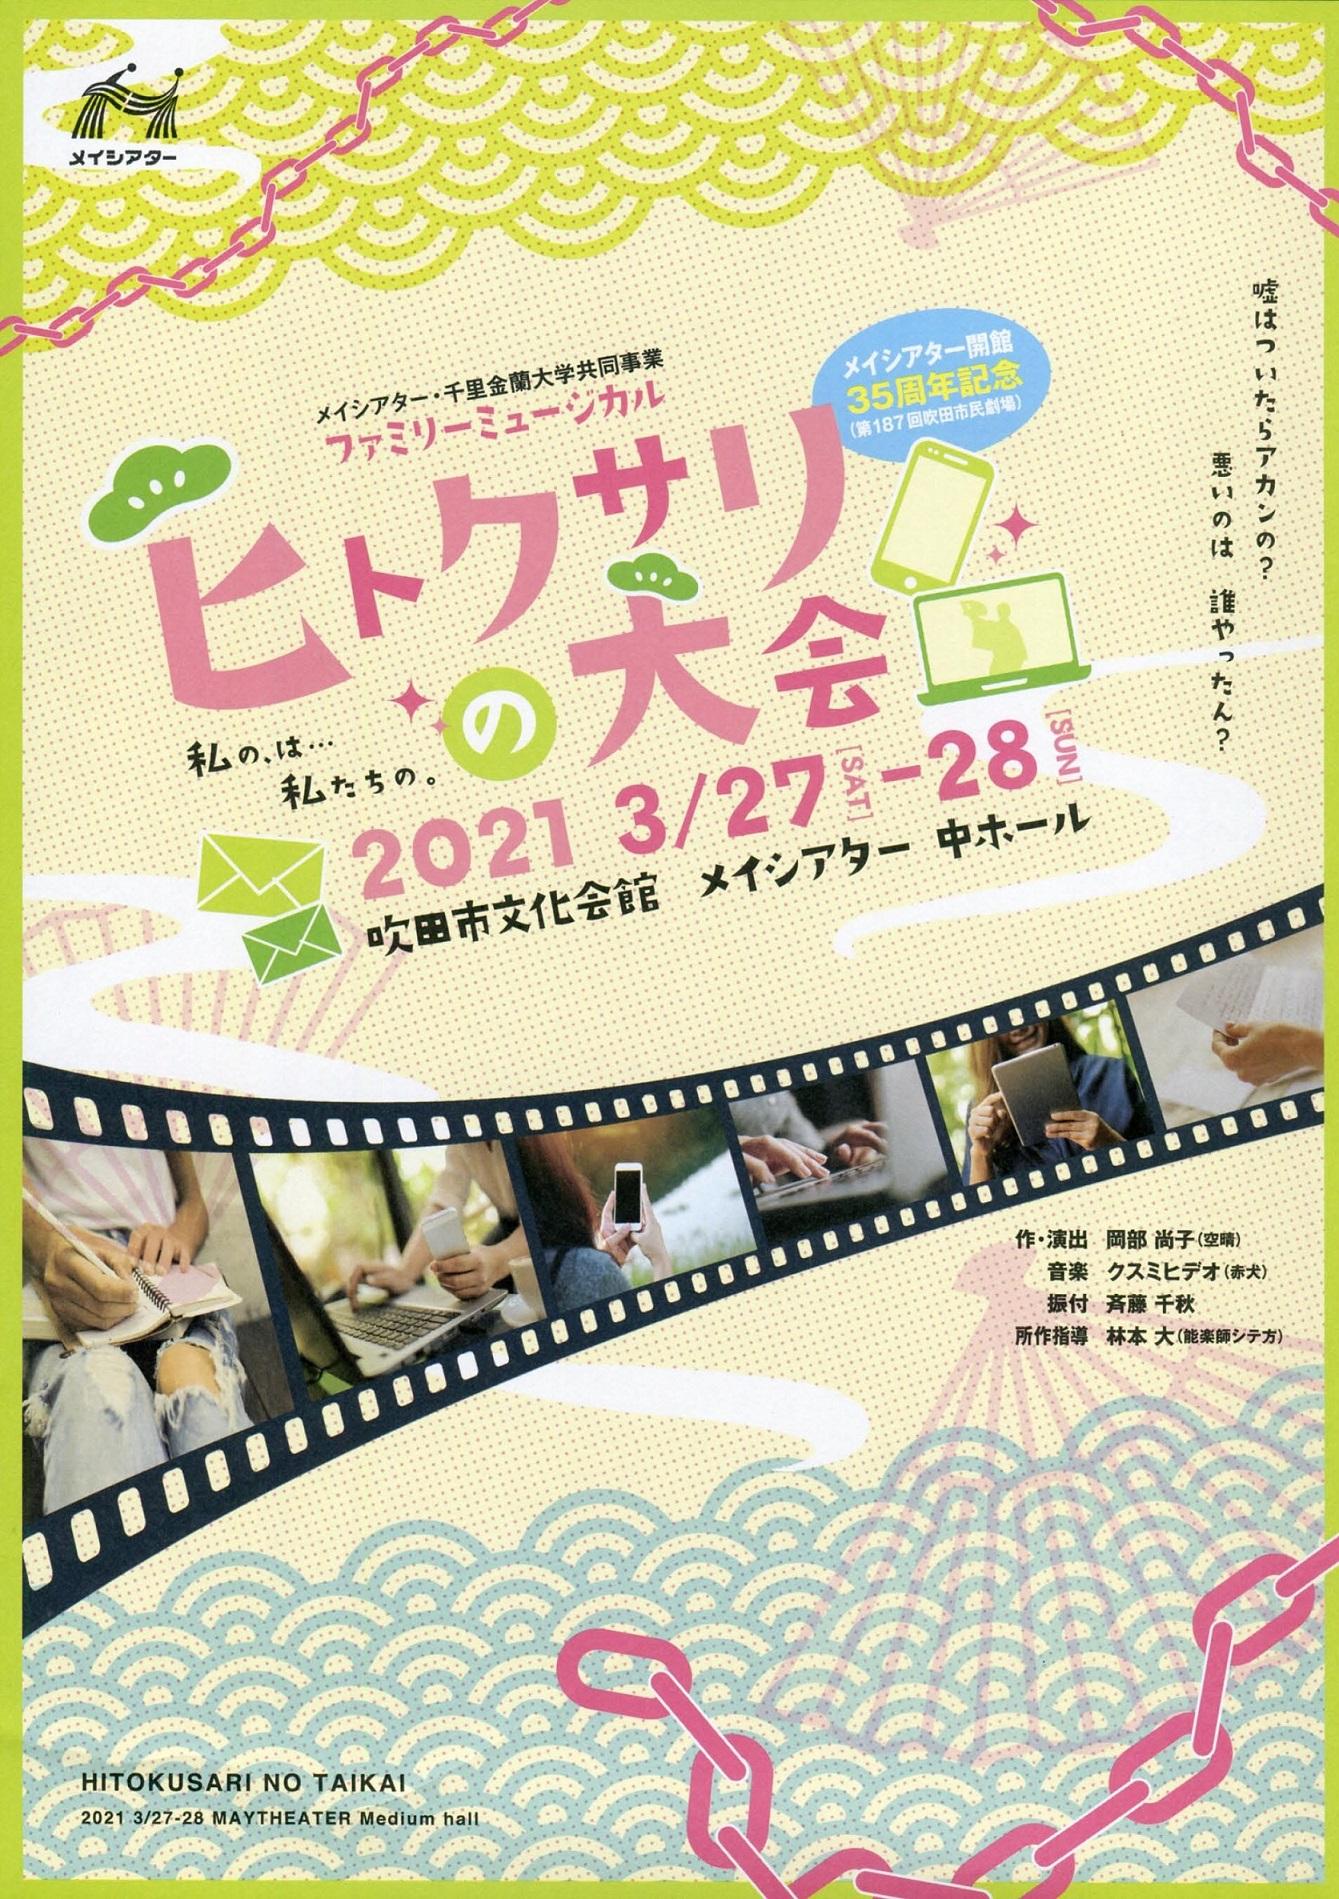 ファミリーミュージカル2021オモテ